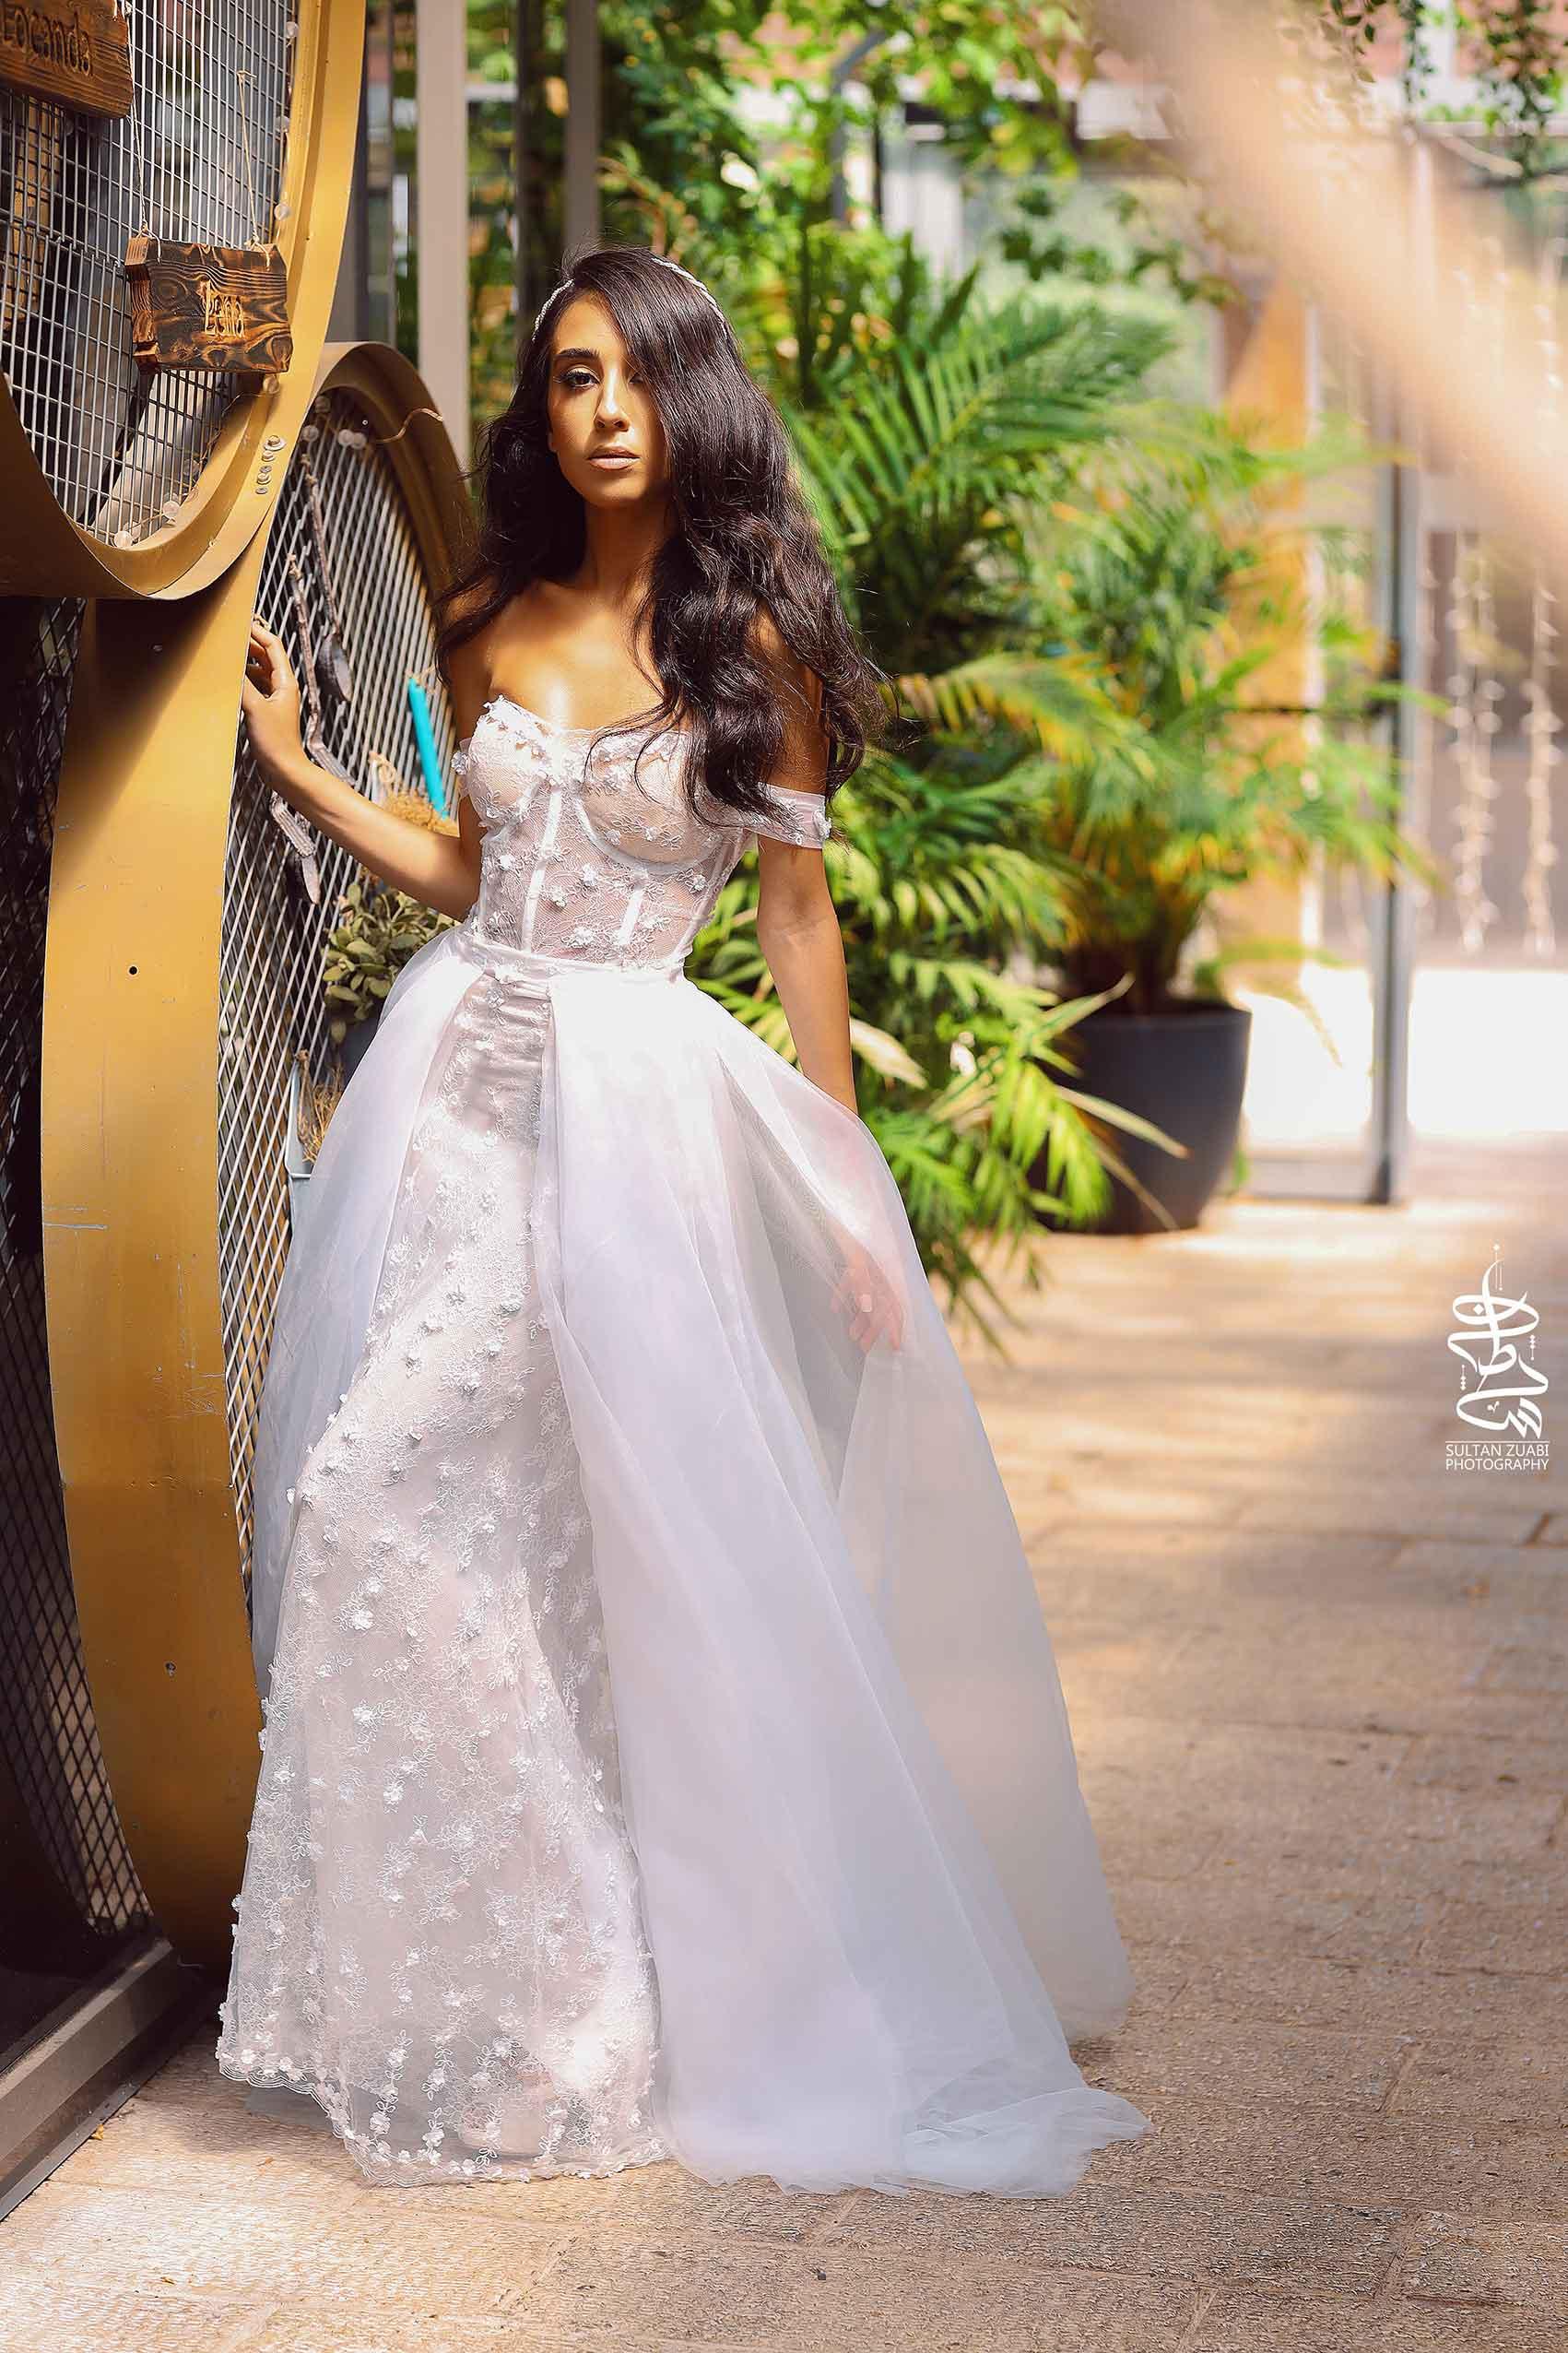 חנאן-אחמד-קולקציית-שמלות-כלה-קיץ-2020-מגזין-אופנה-1619